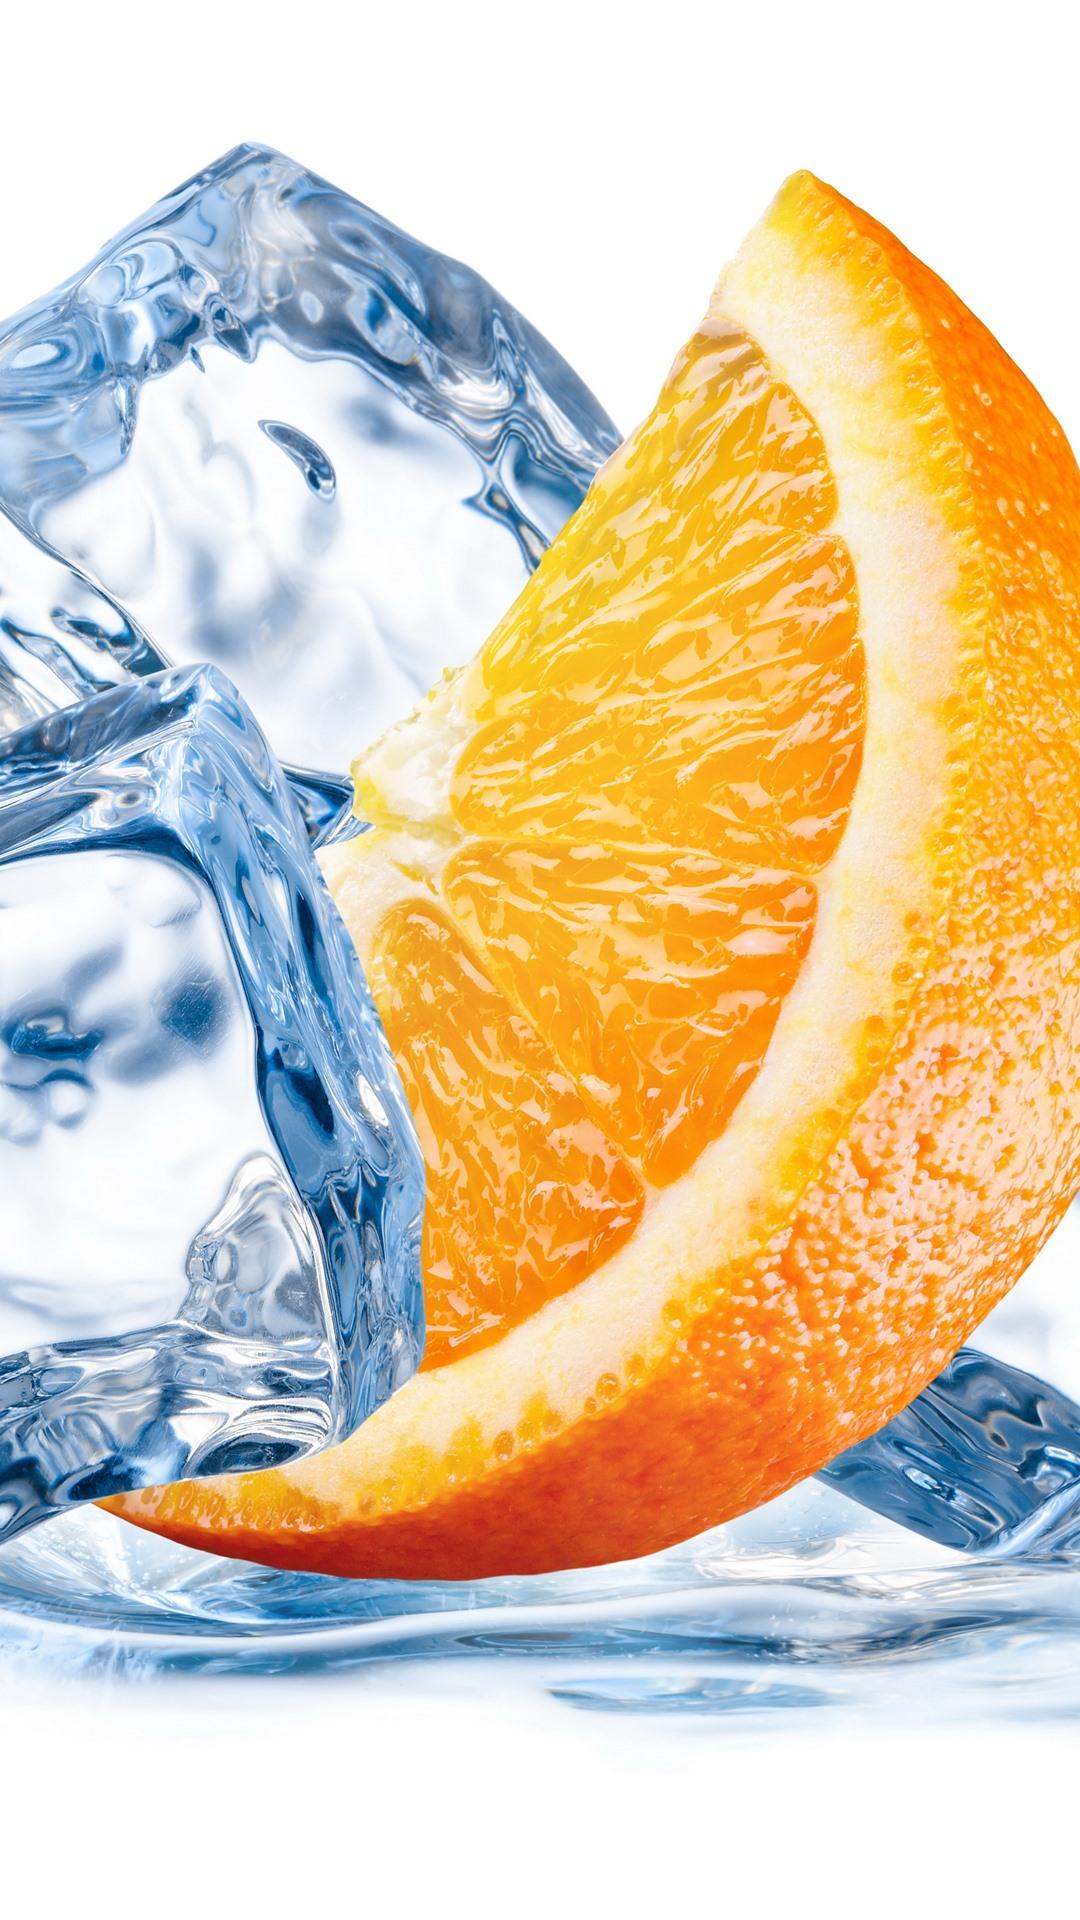 отмечают, что апельсин и лед мир фотообоев сделать